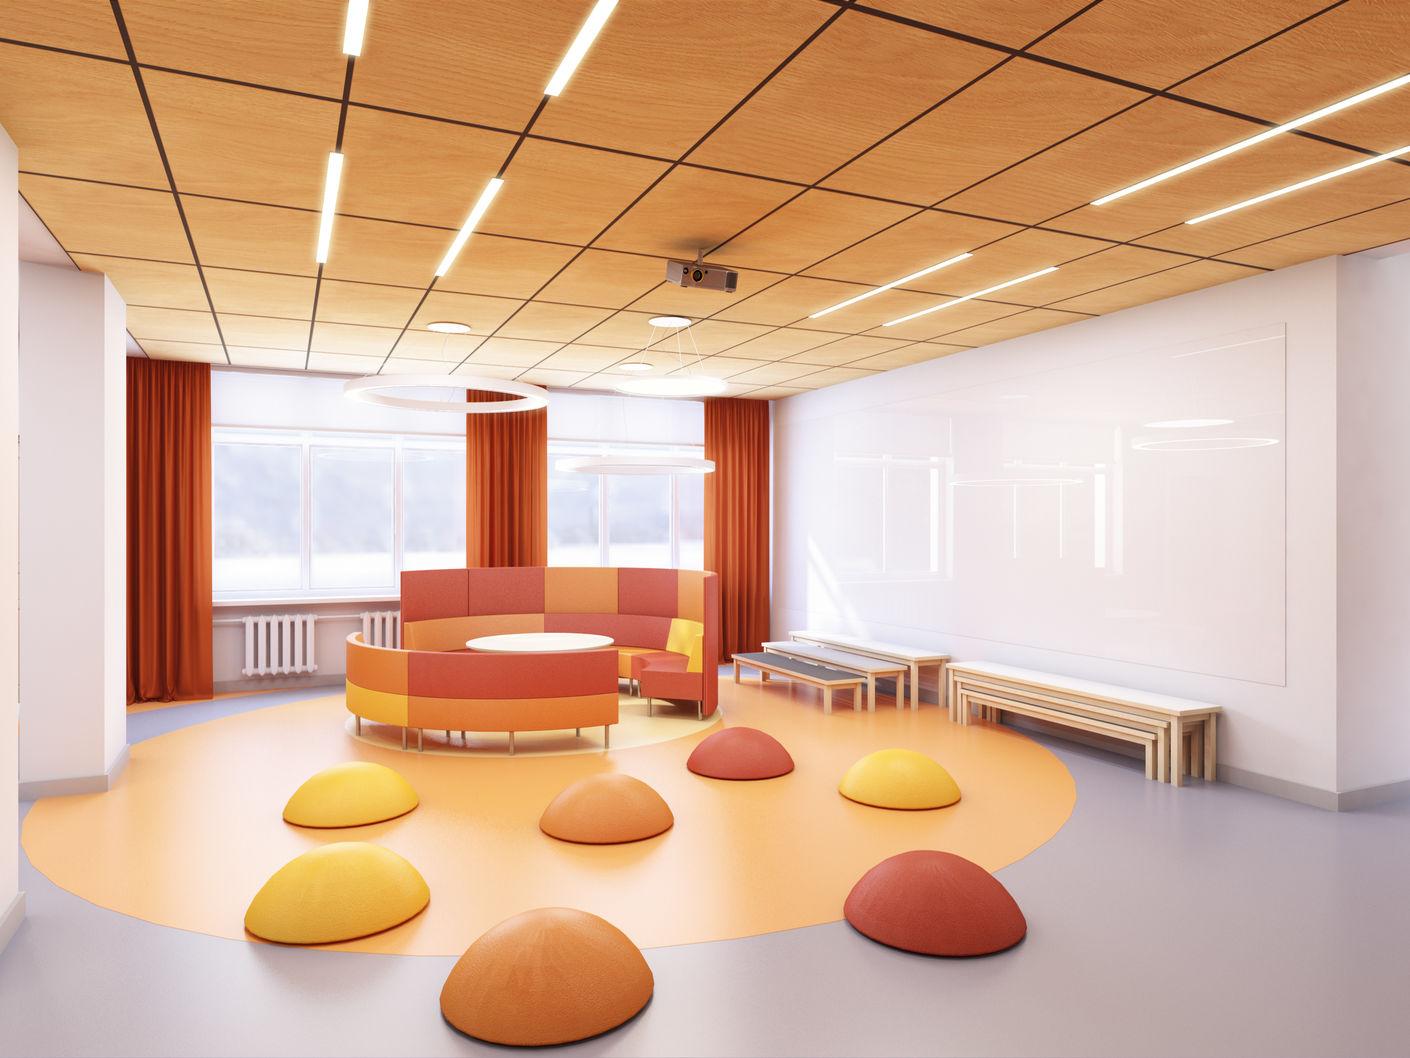 Дизайн школьной библиотеки в городе Сатка Лаборатория дизайна НИУ ВШЭ - hsedesignlab.ru